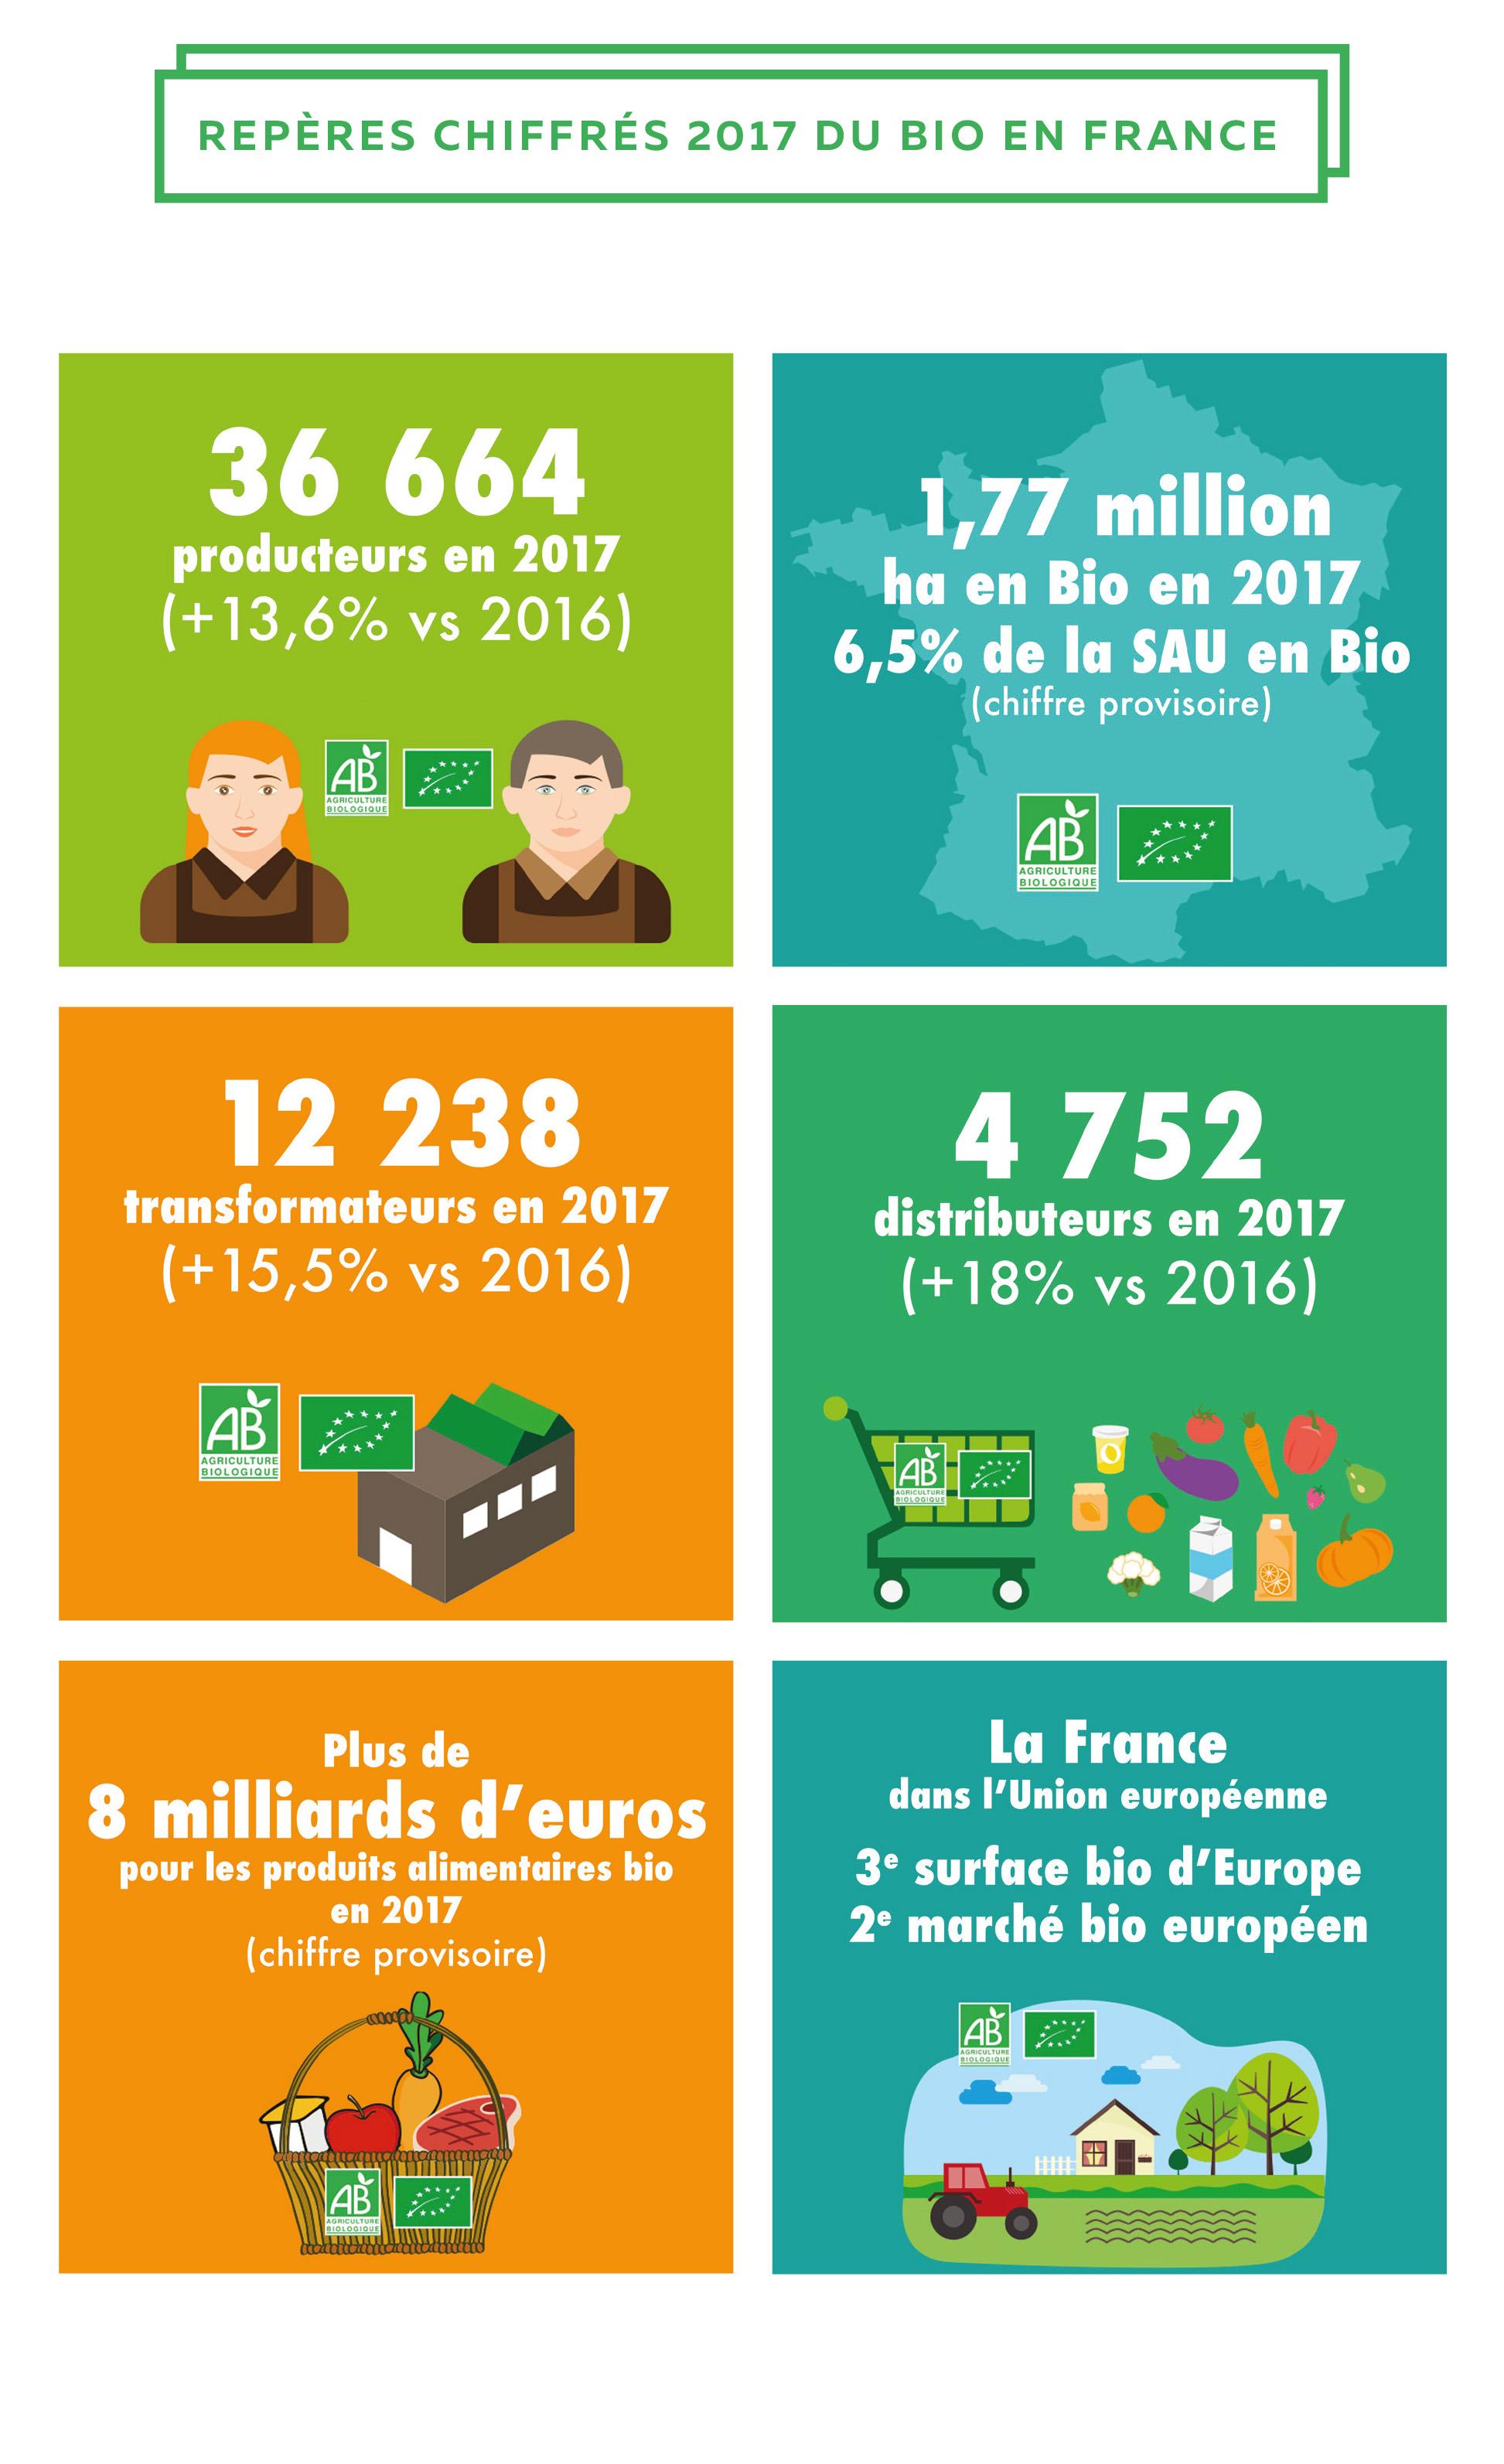 Repères chiffrés 2017 du bio en France AgenceBio - l'agriculture bio -DossierdePresseChiffres